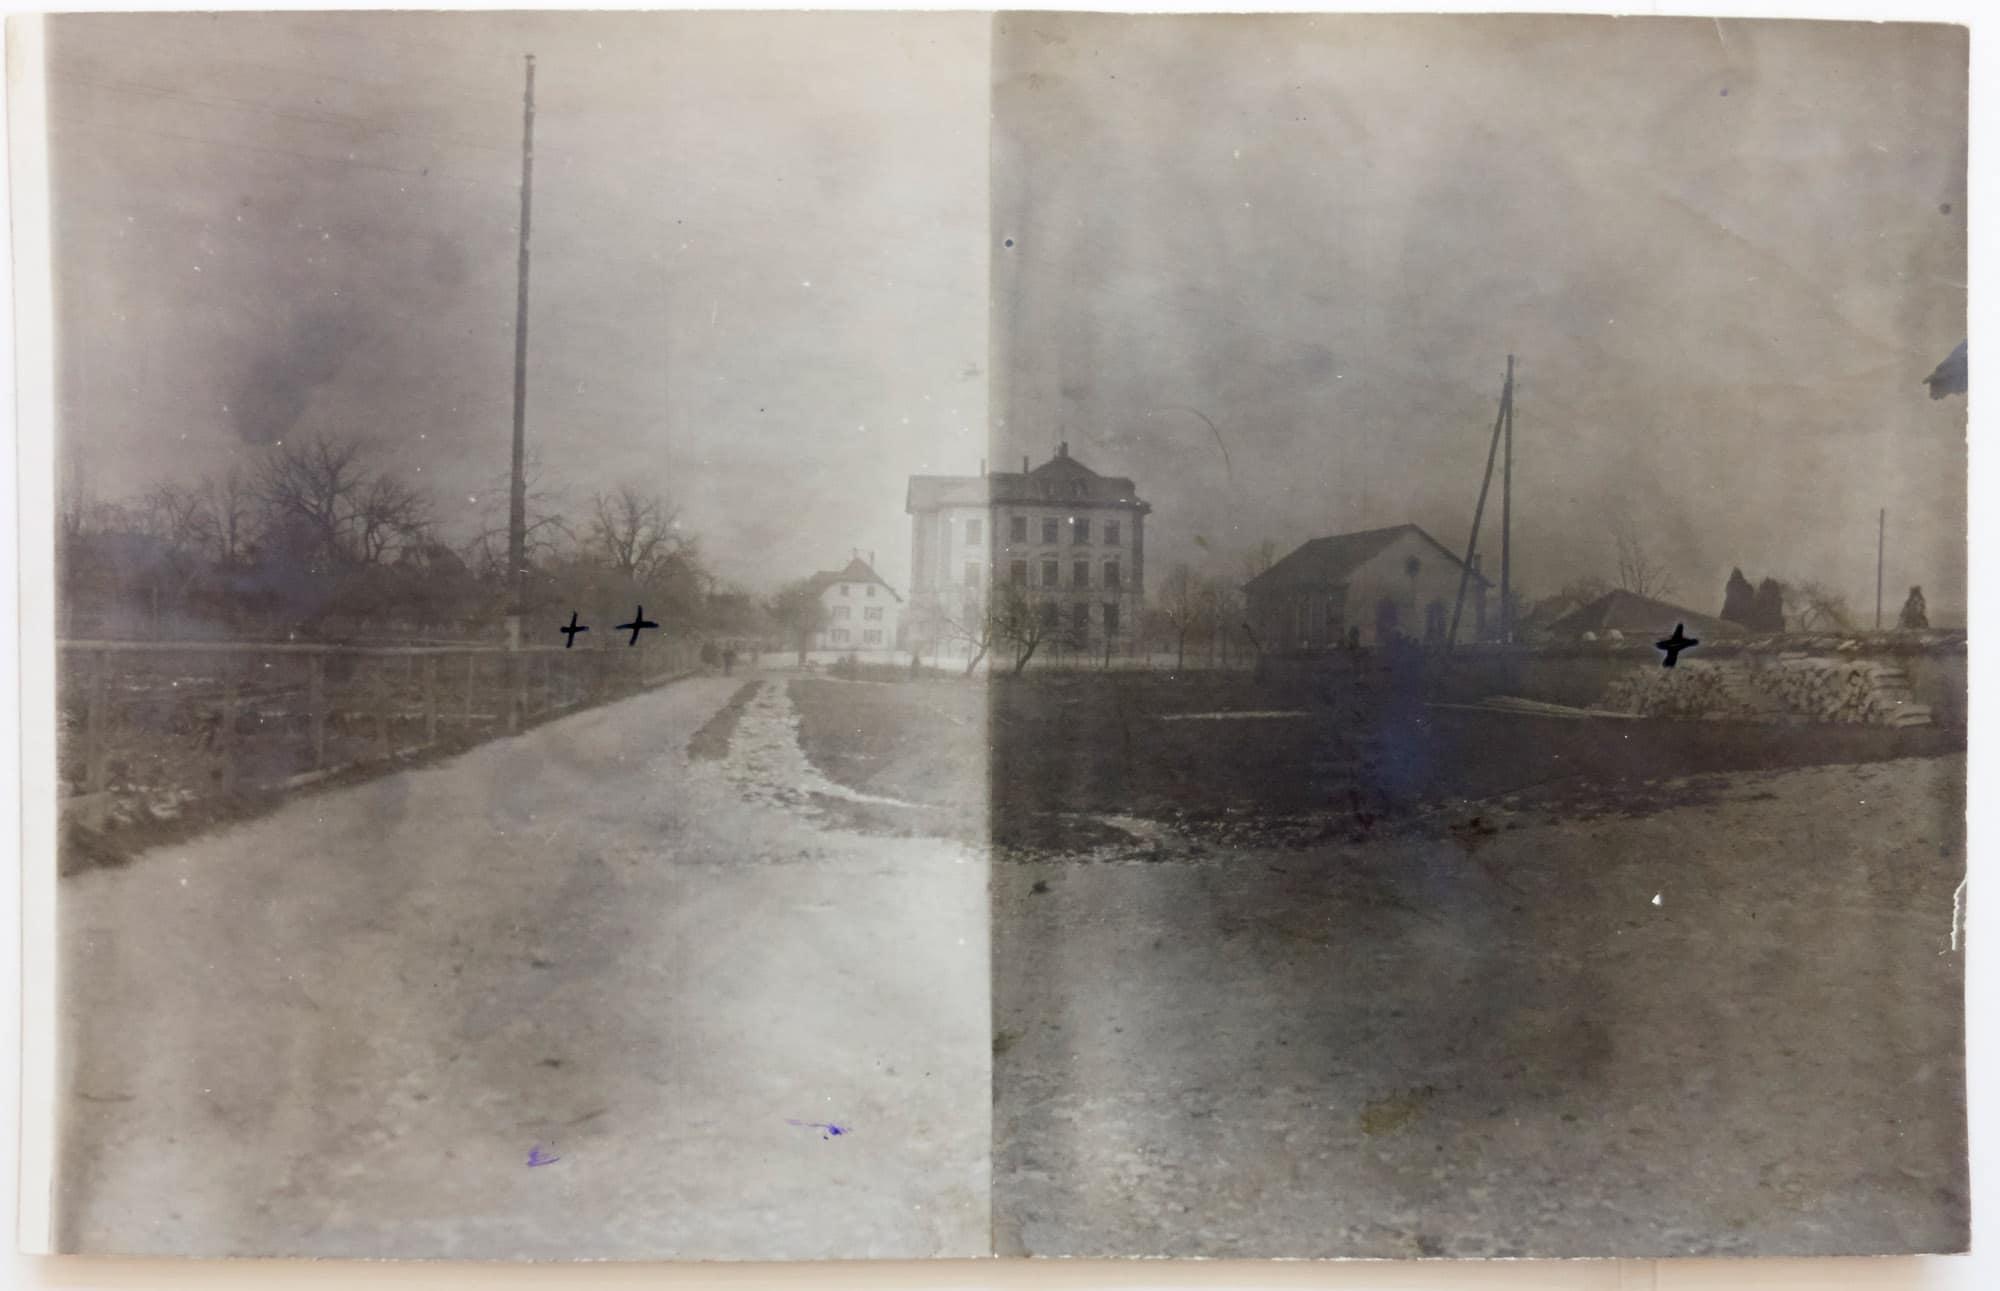 Muttenz, 6. Dezember 1917. Die Kreuze markieren die Stellen, wo die drei Bomben einschlugen.